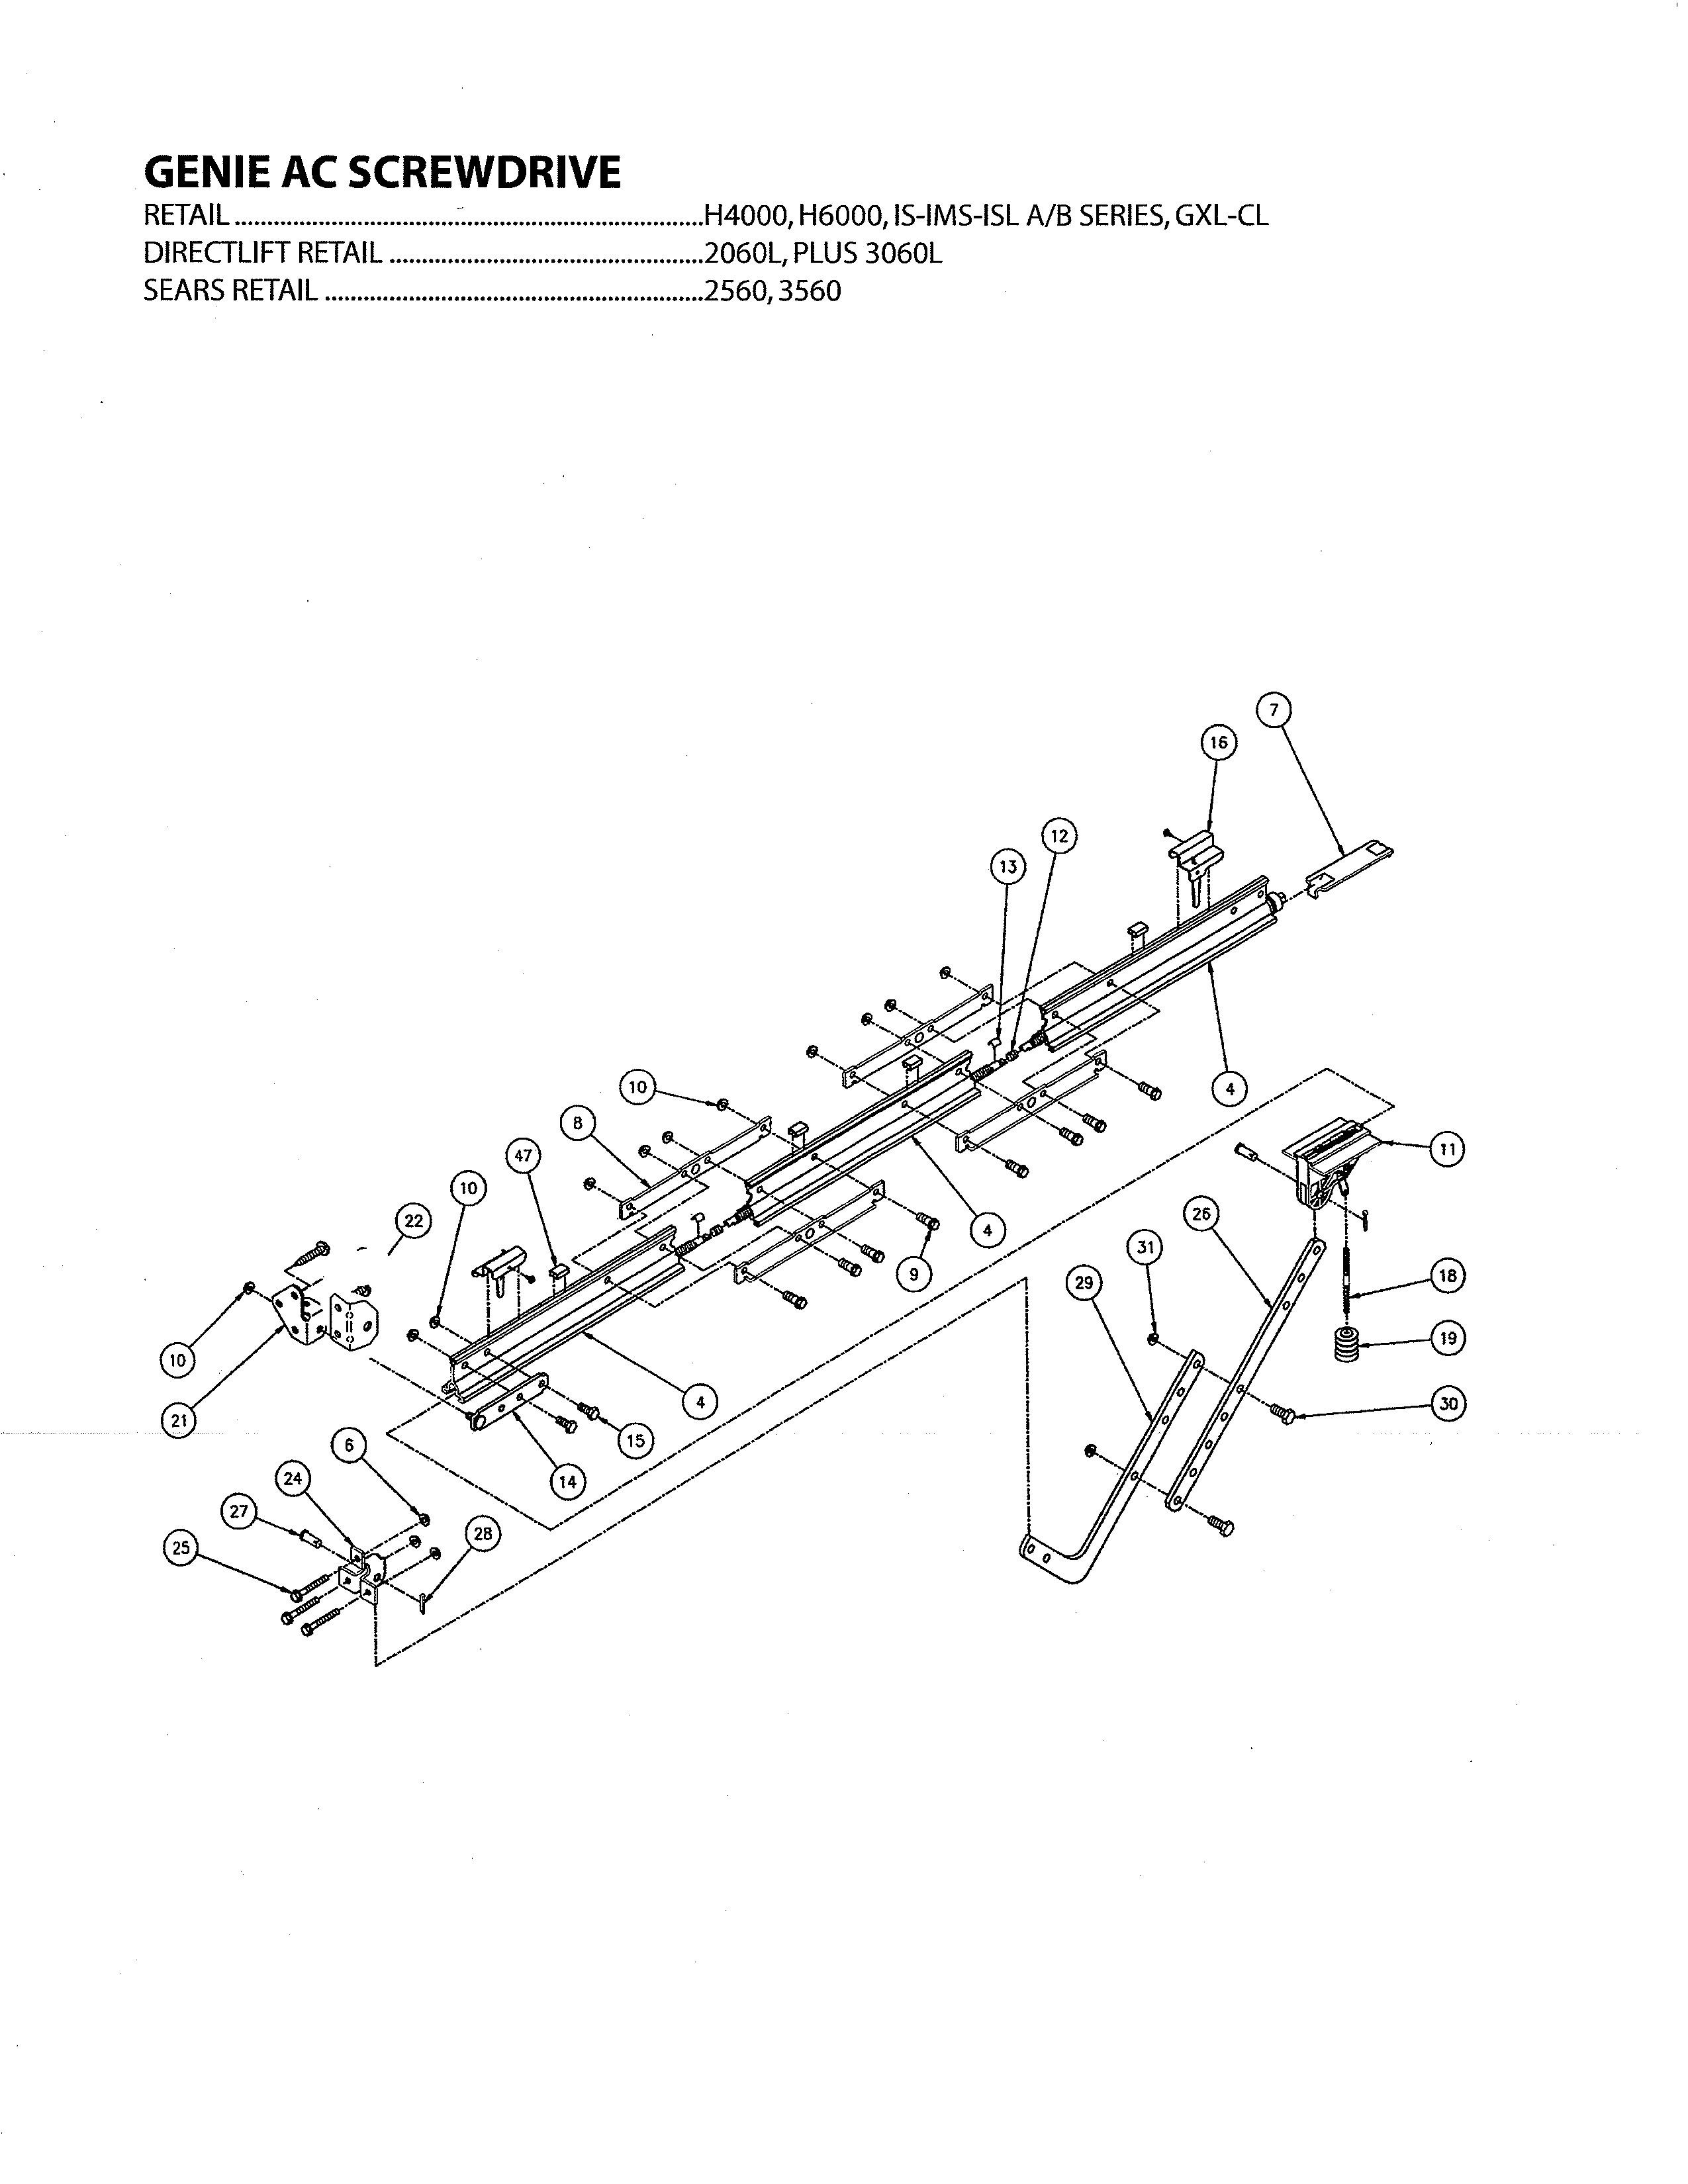 Genie Garage Door Opener Parts Diagram Genie Model H4000 Garage Door Opener Genuine Parts Of Genie Garage Door Opener Parts Diagram